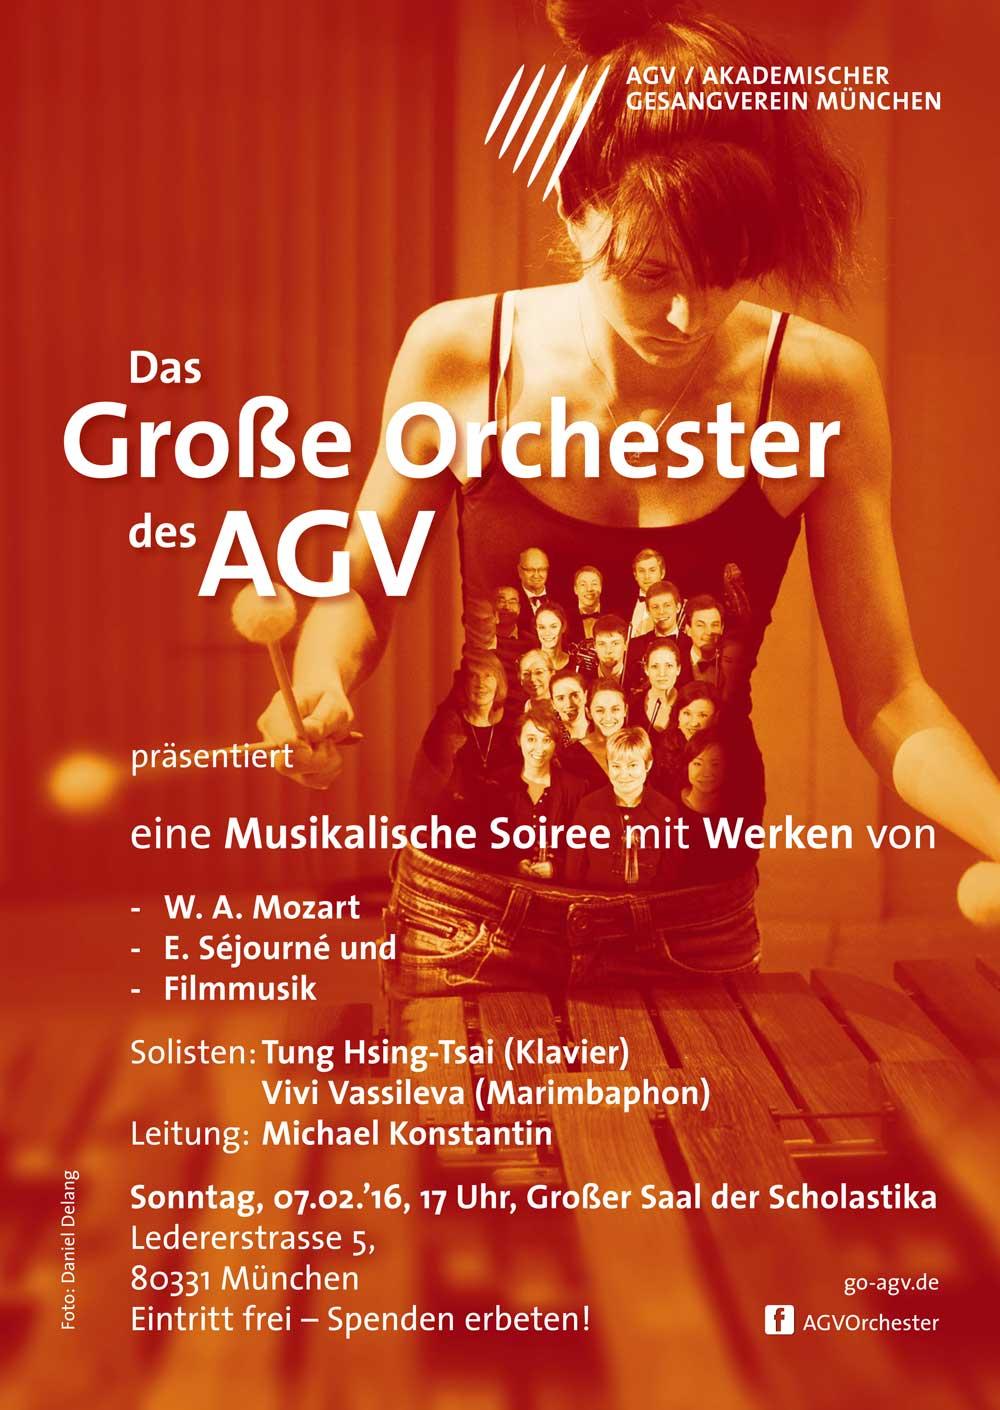 Akademischer Gesangsverein München Soiree poster